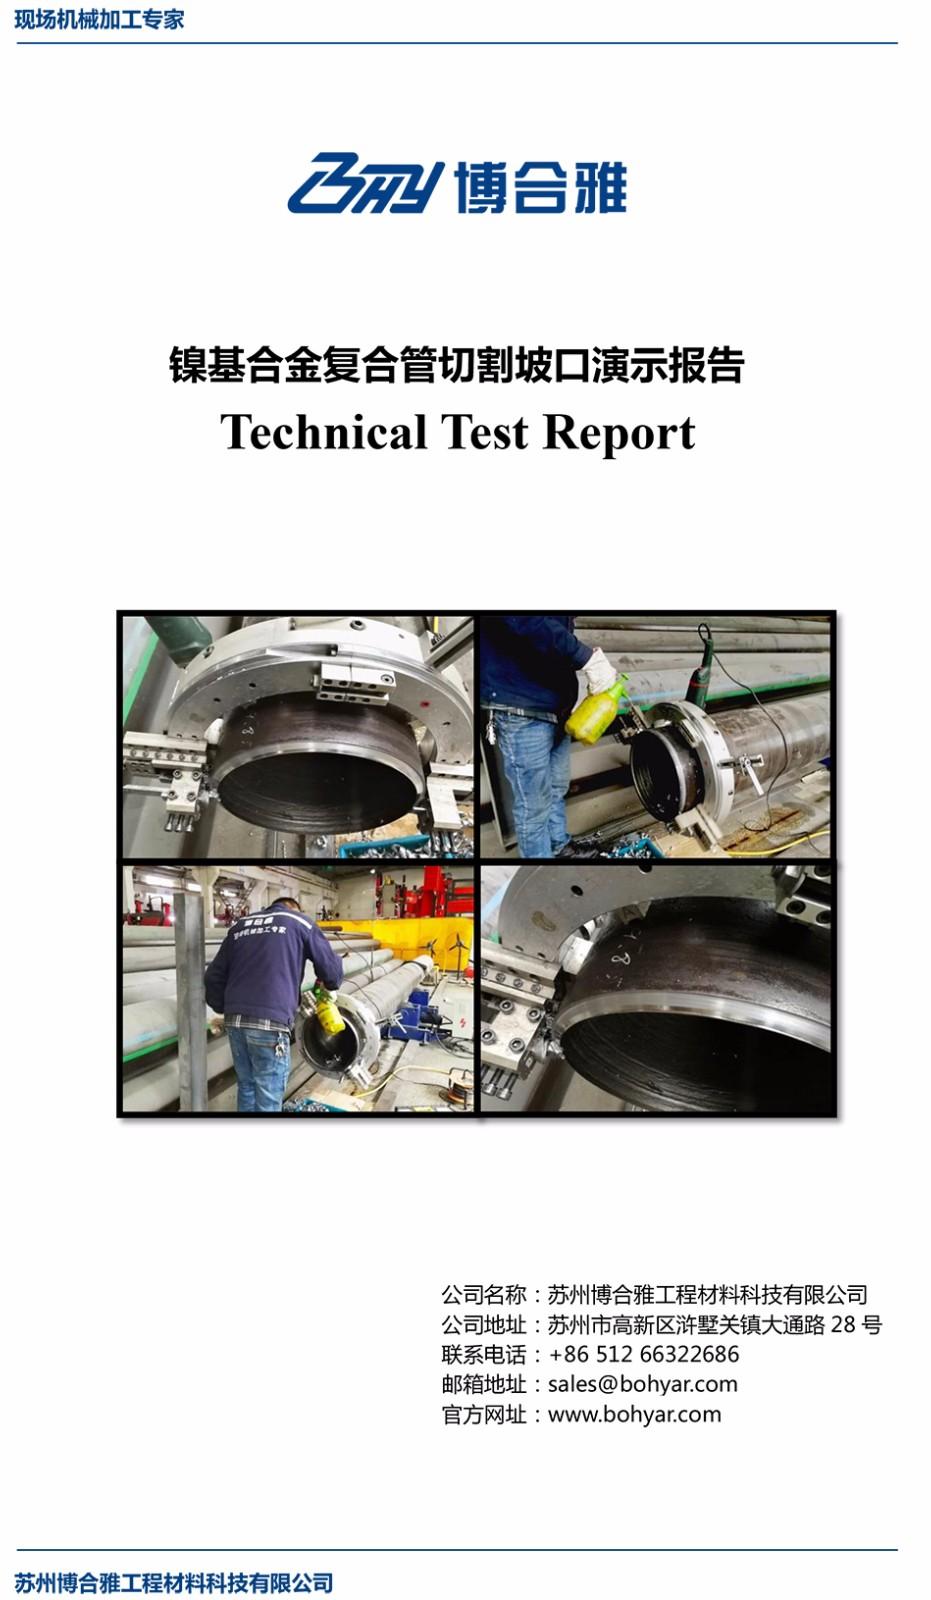 镍基合金复合管切割坡口演示报告-3.jpg